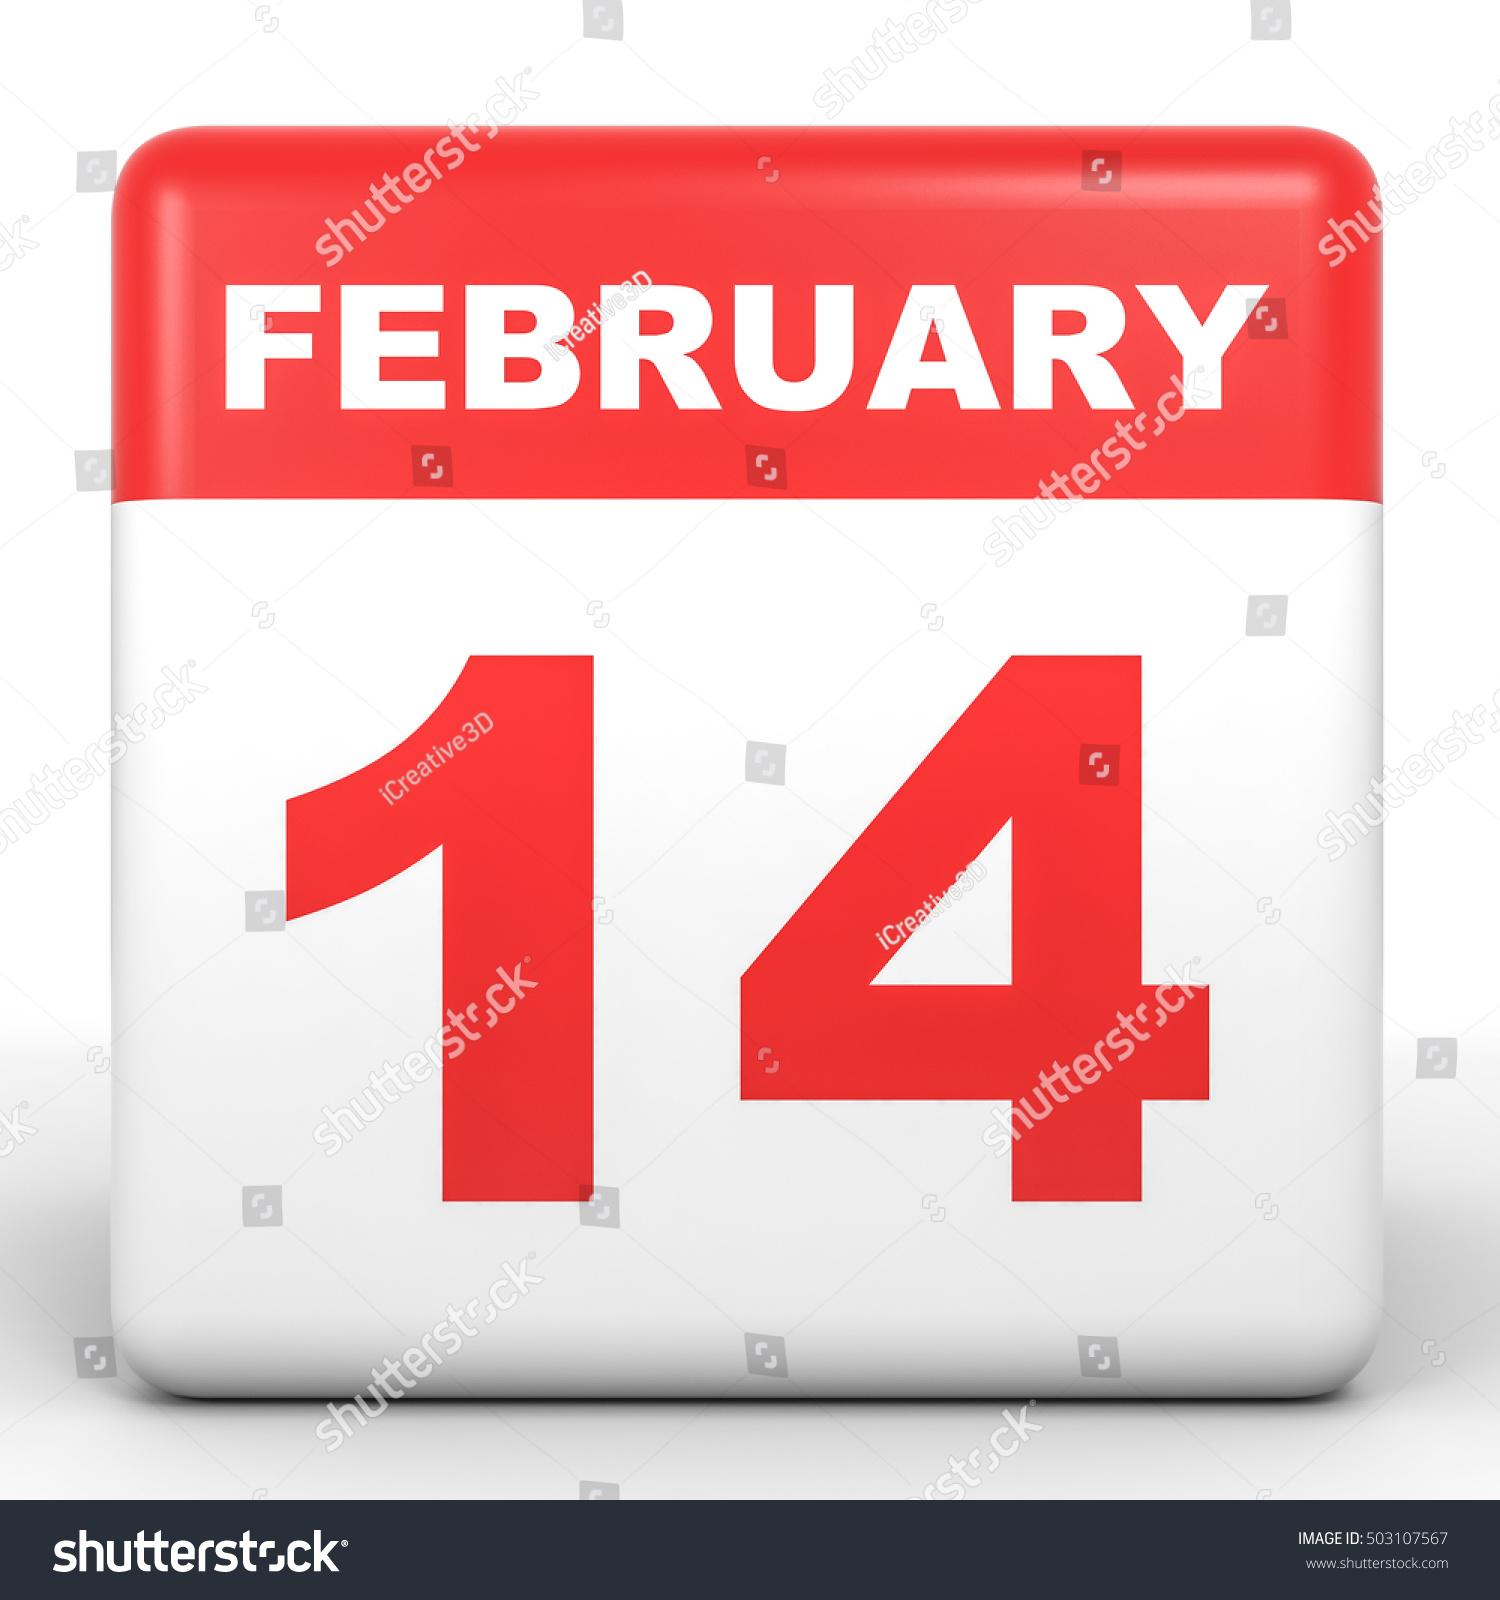 February Calendar Illustration : February calendar on white background stock